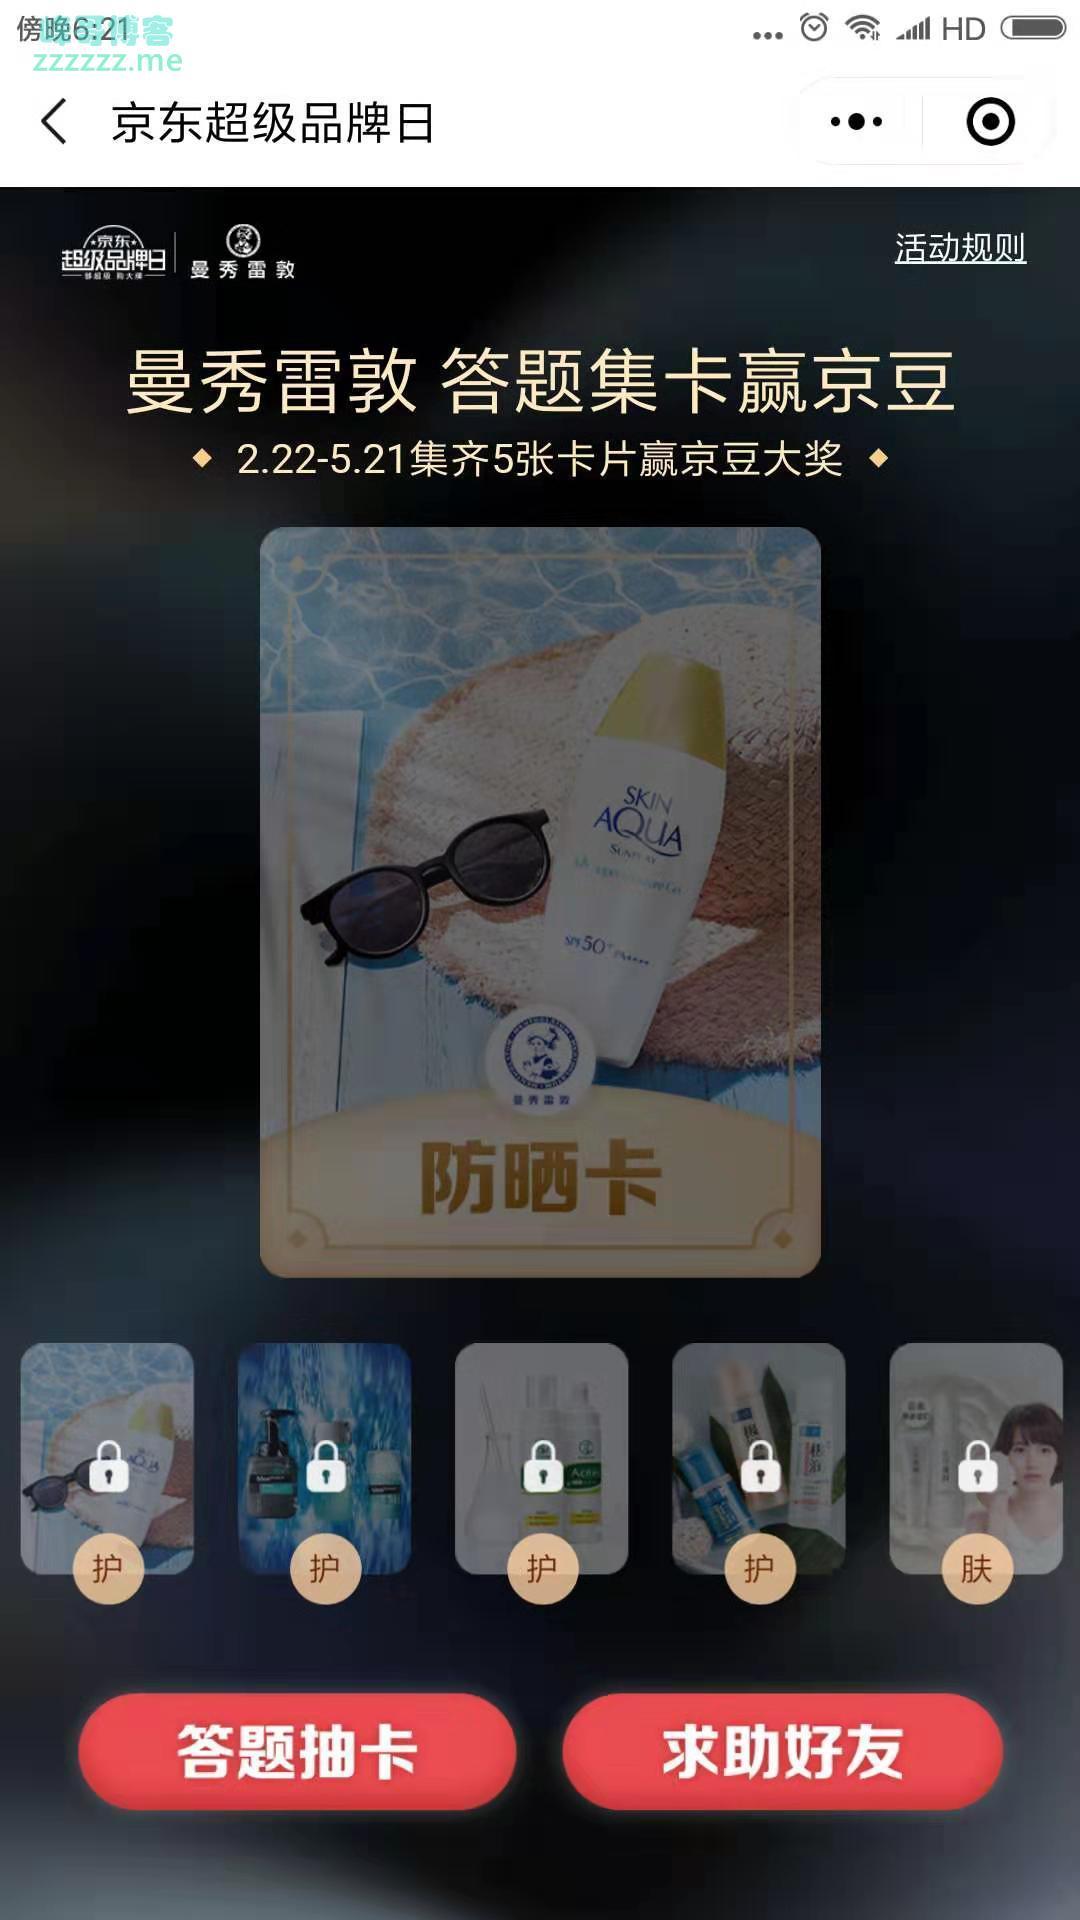 <京东>曼秀雷敦 答题赢最高8888京豆(截止5月21日)